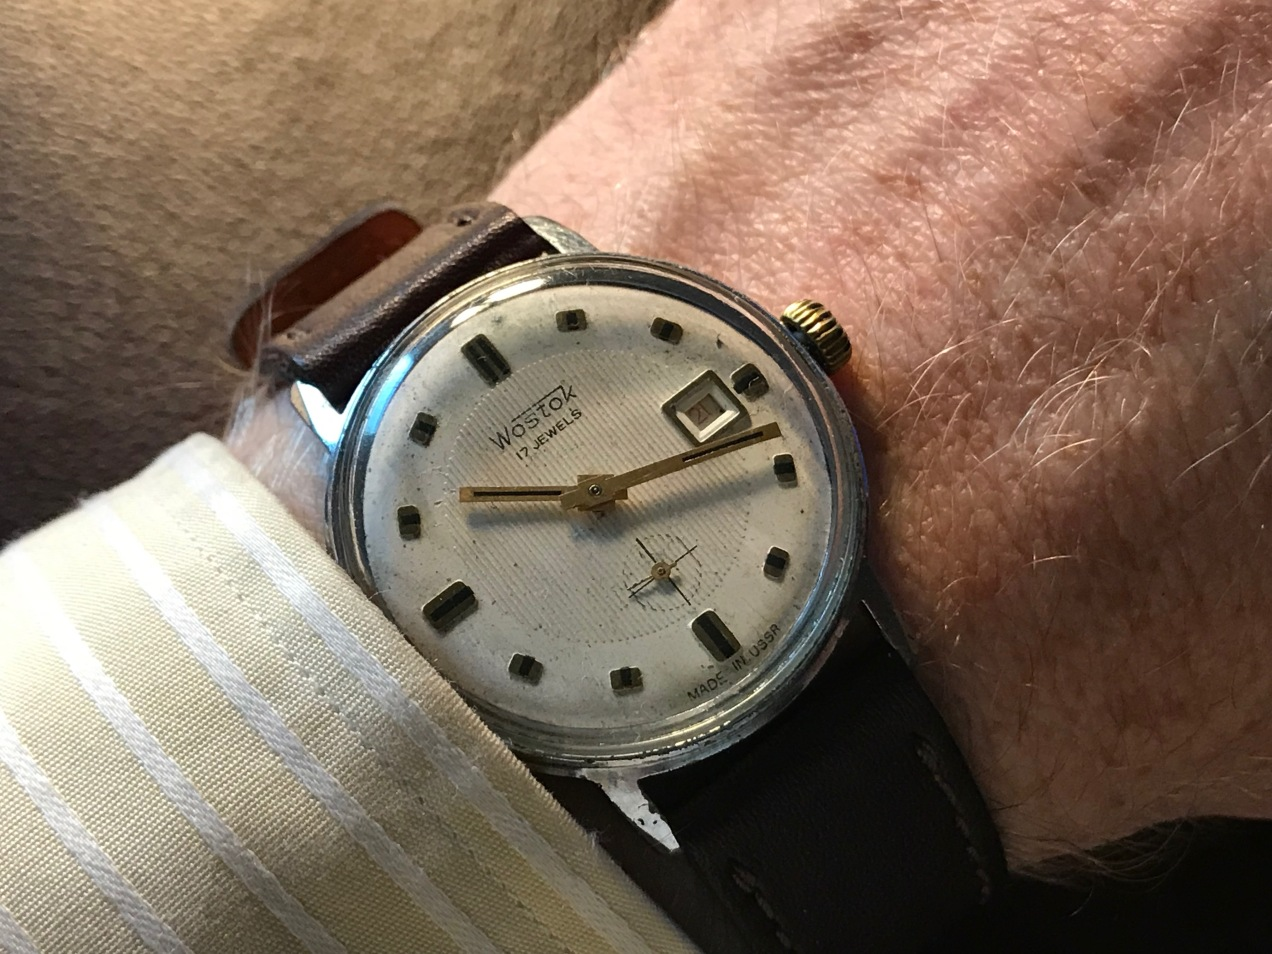 A 1956 Wostok Watch